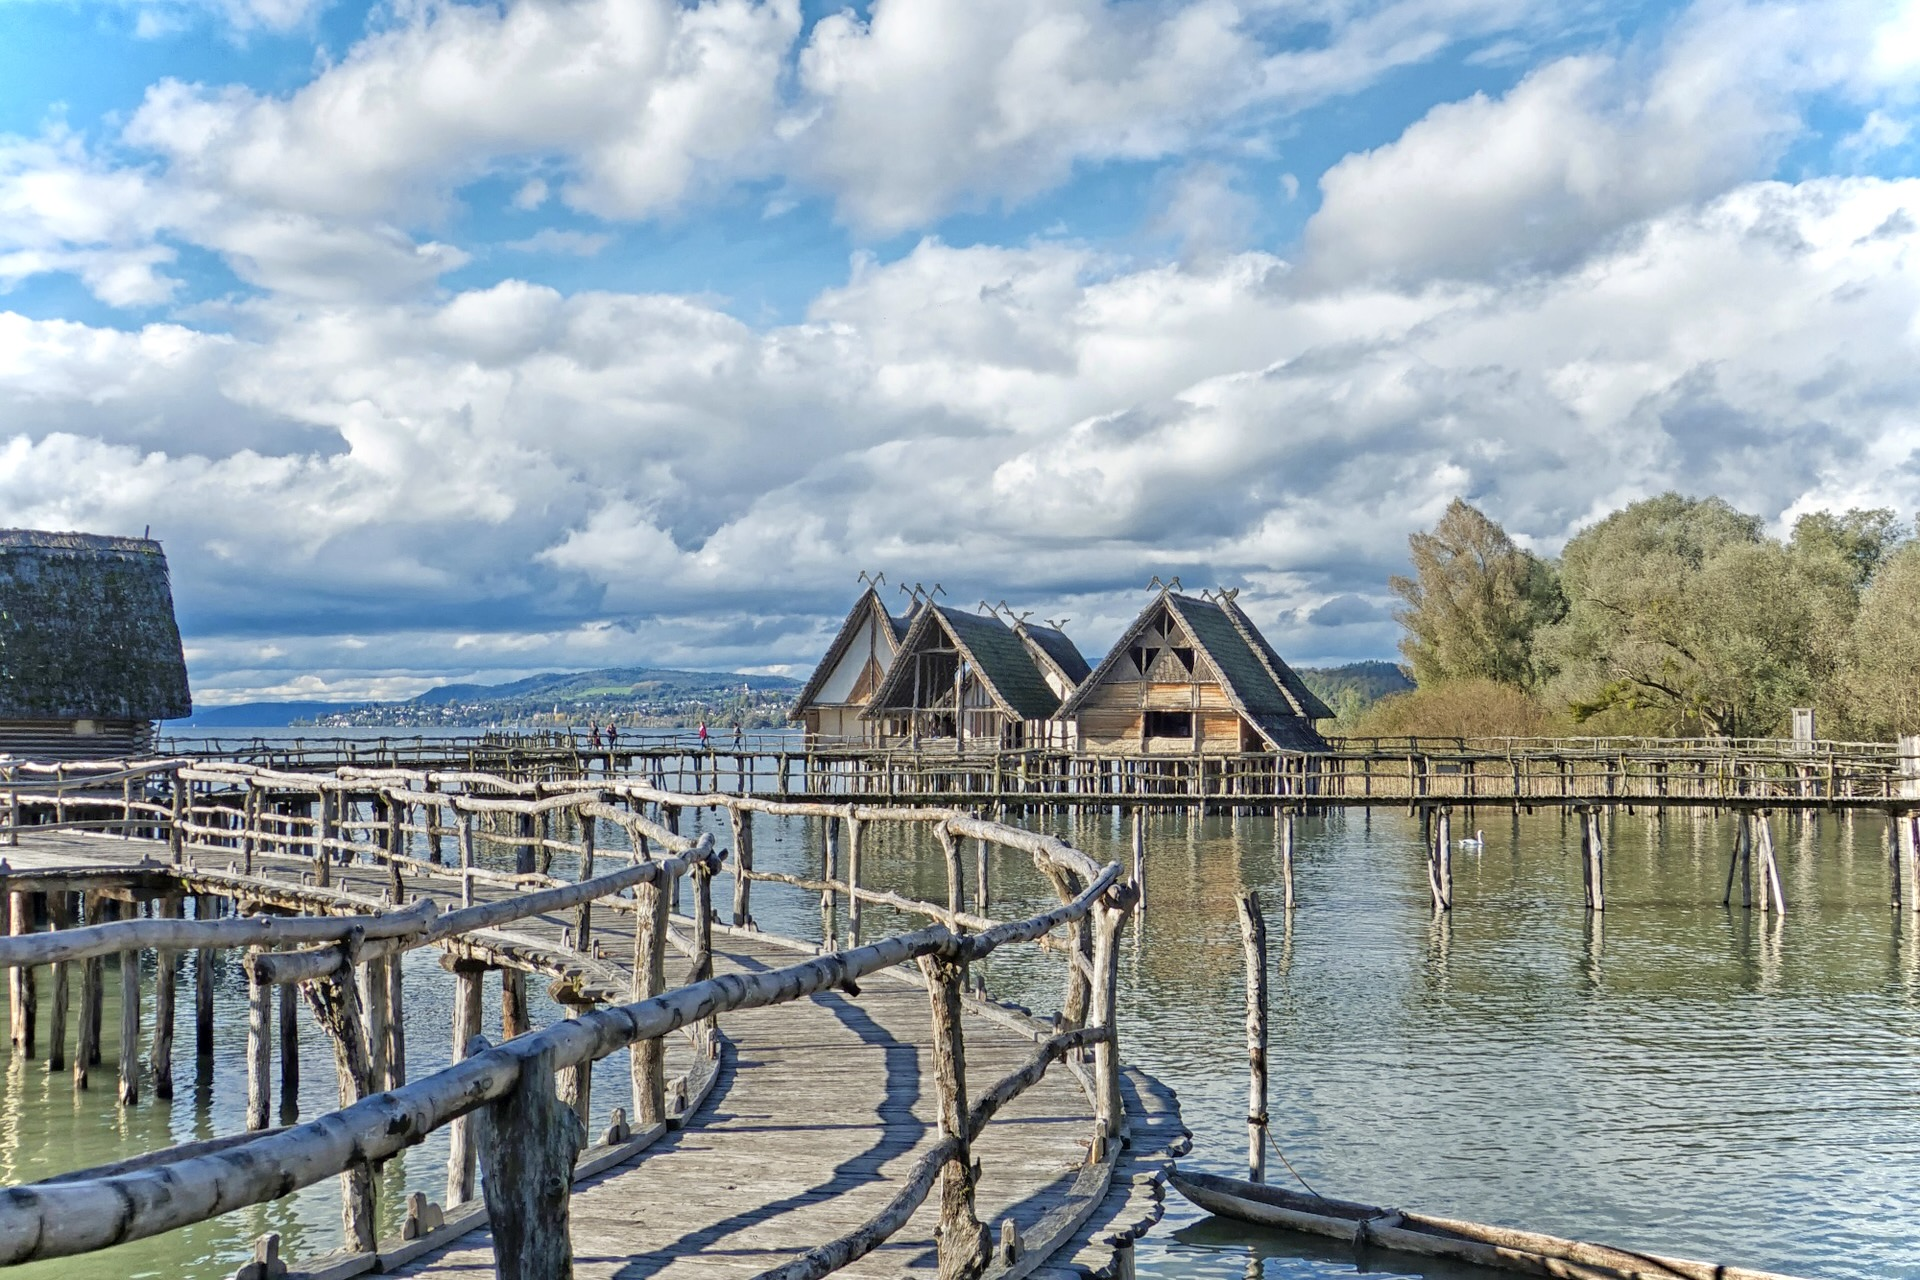 Zu den schönsten Sehenswürdigkeiten in Baden-Württemberg gehören die Pfahlbauten Unteruhldingen am Bodensee